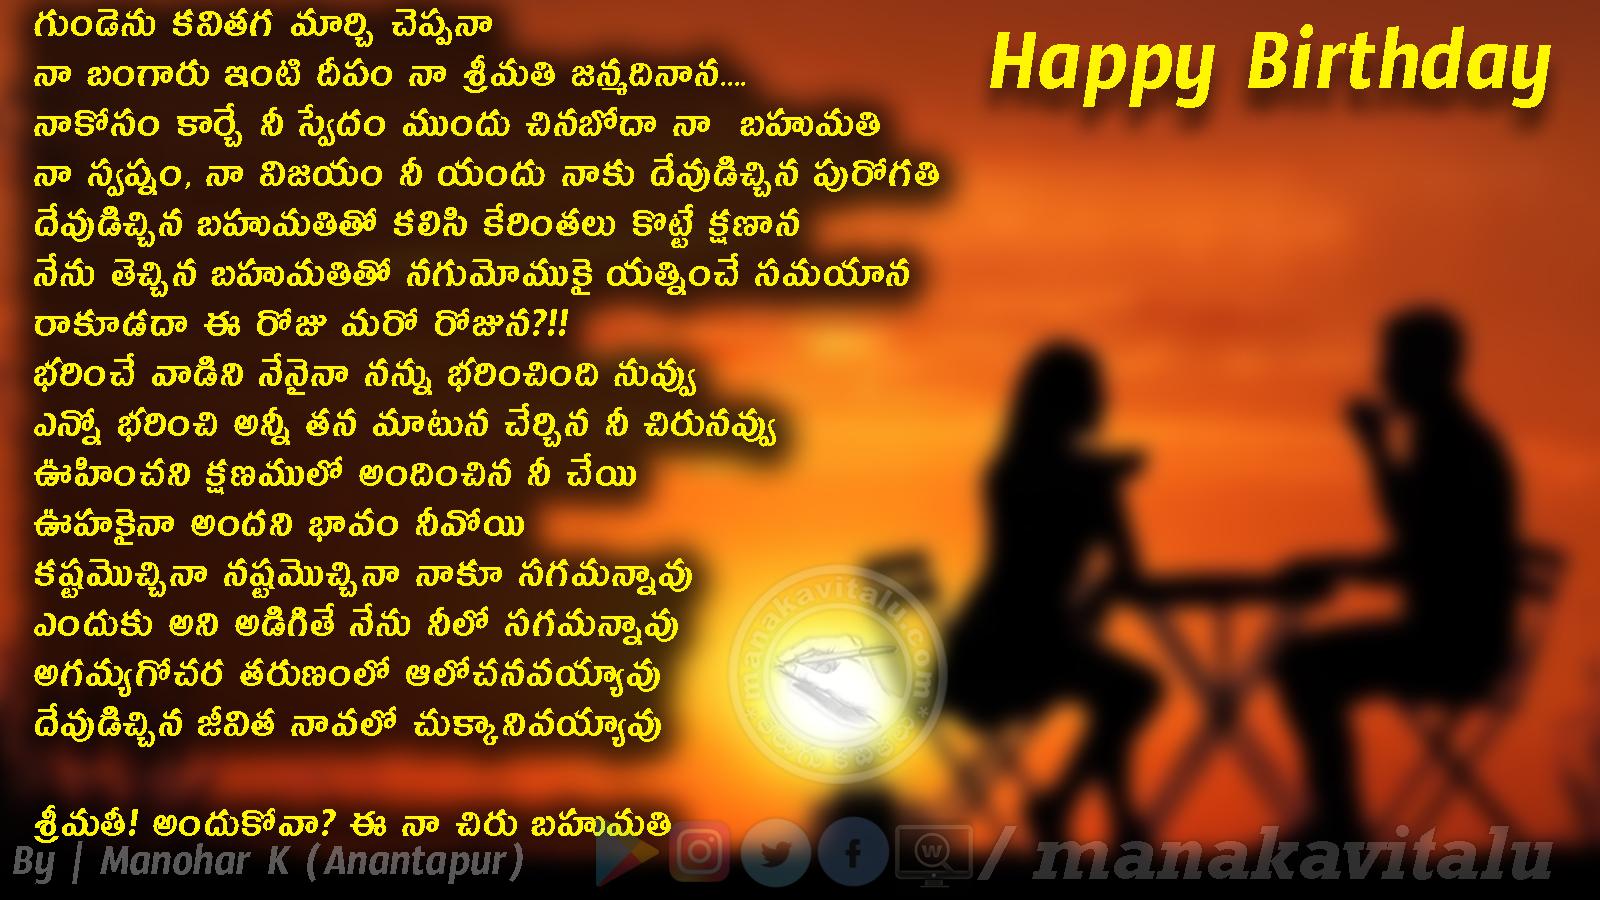 శ ర మత క జన మద న బహ మత కవ తల Telugu Birthday Quotes For Wife